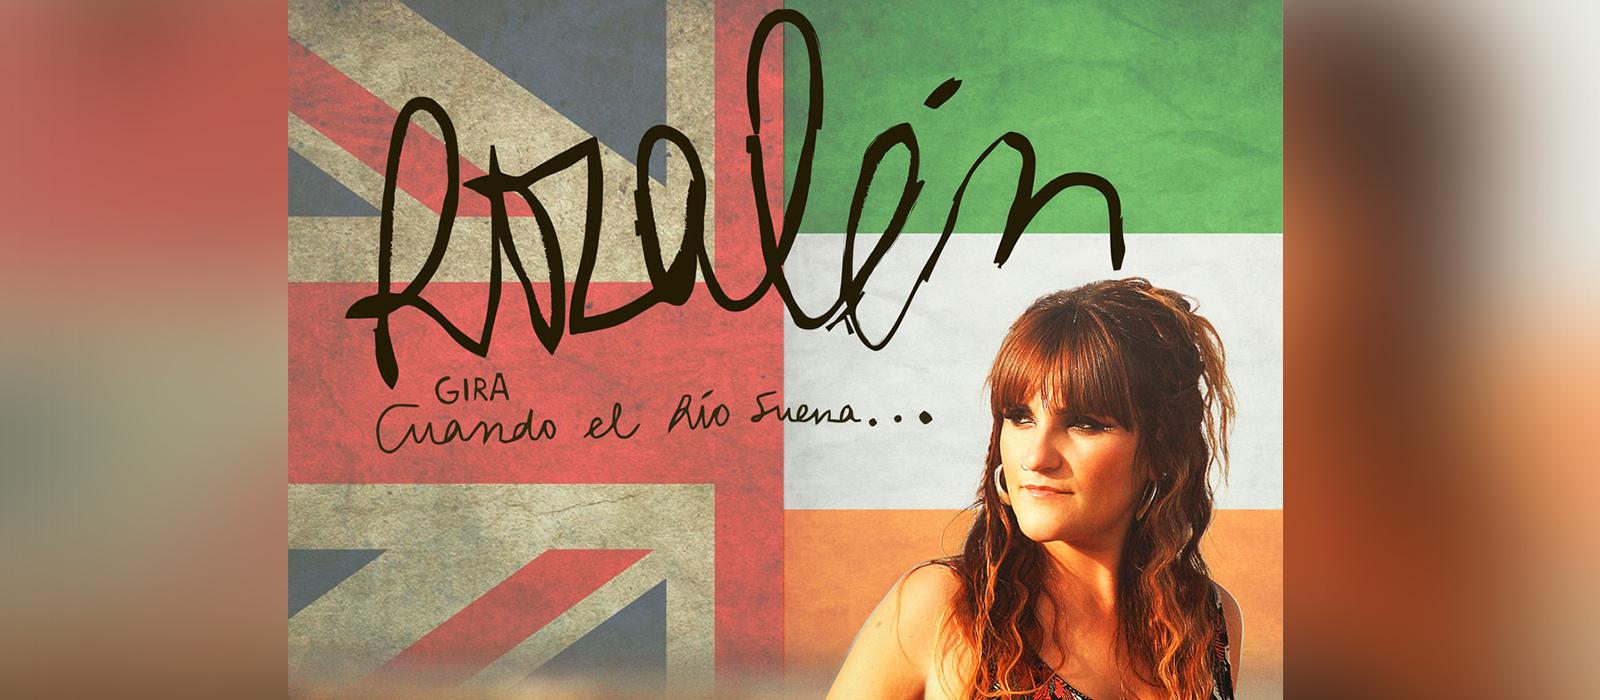 Rozalén anuncia nuevas fechas internacionales de su gira 'Cuando el río suena…'